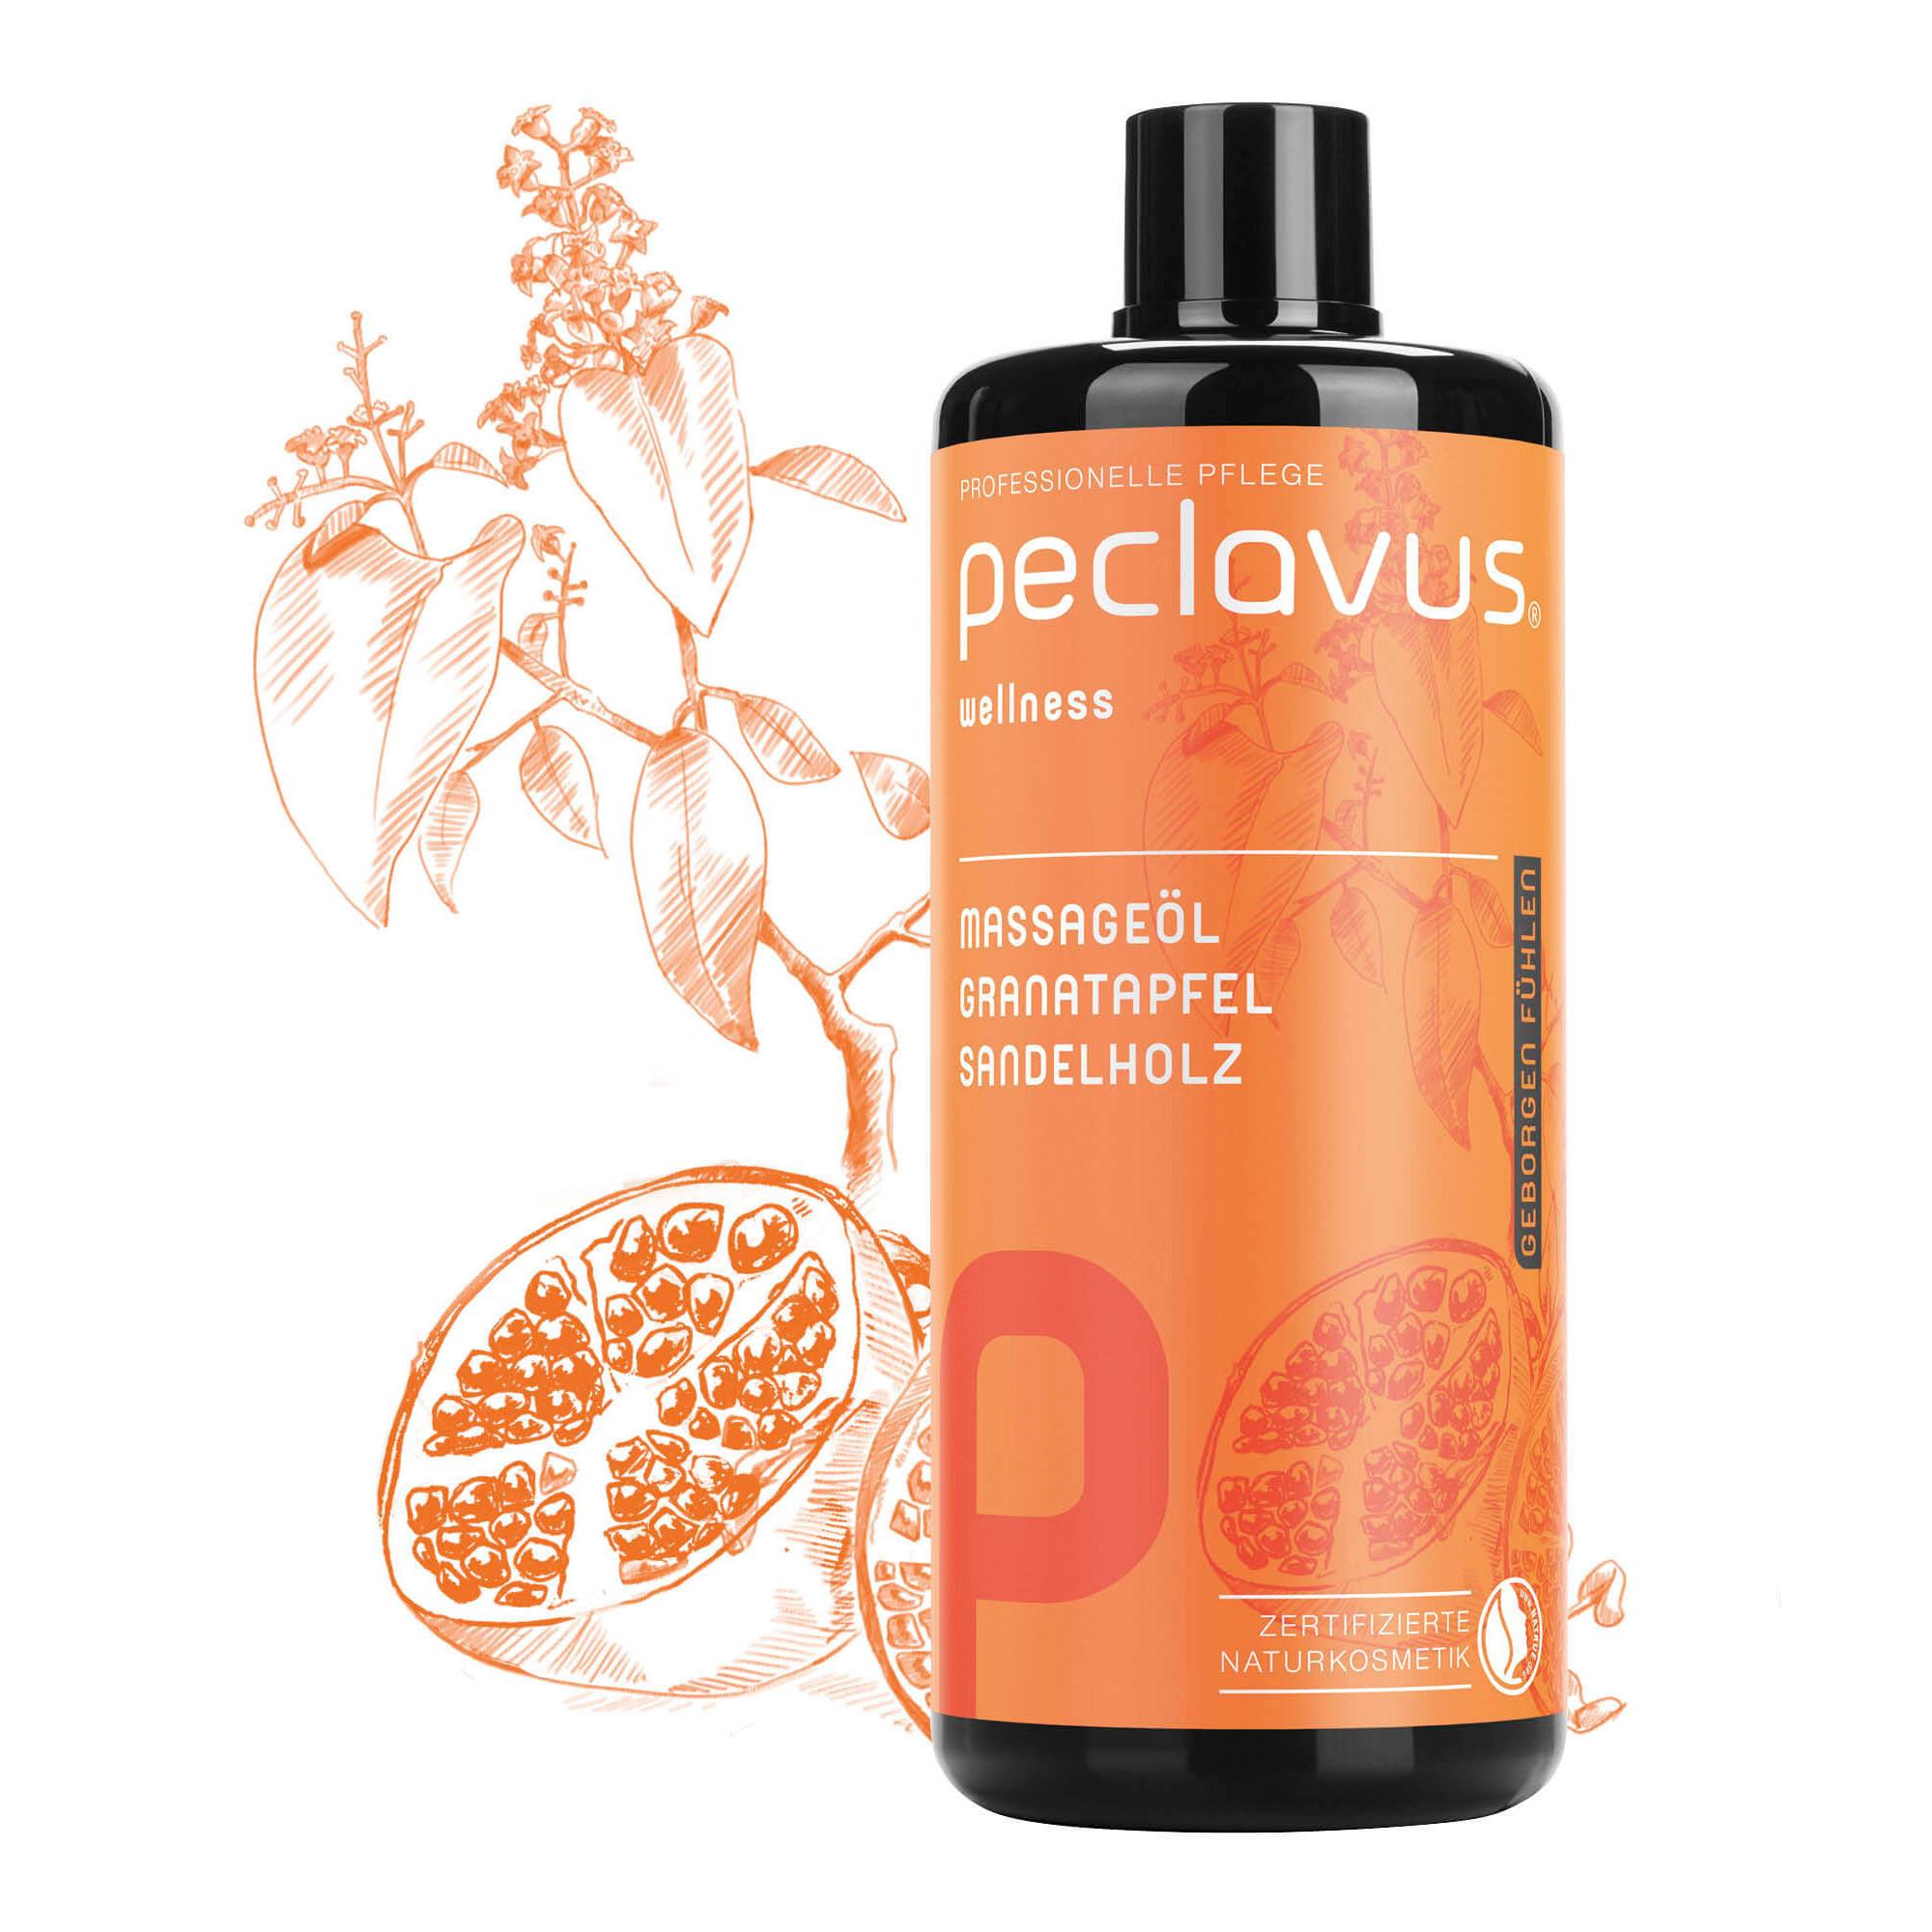 Huile de massage Miel de Macadamia - 500 ml - Peclavus - Ruck